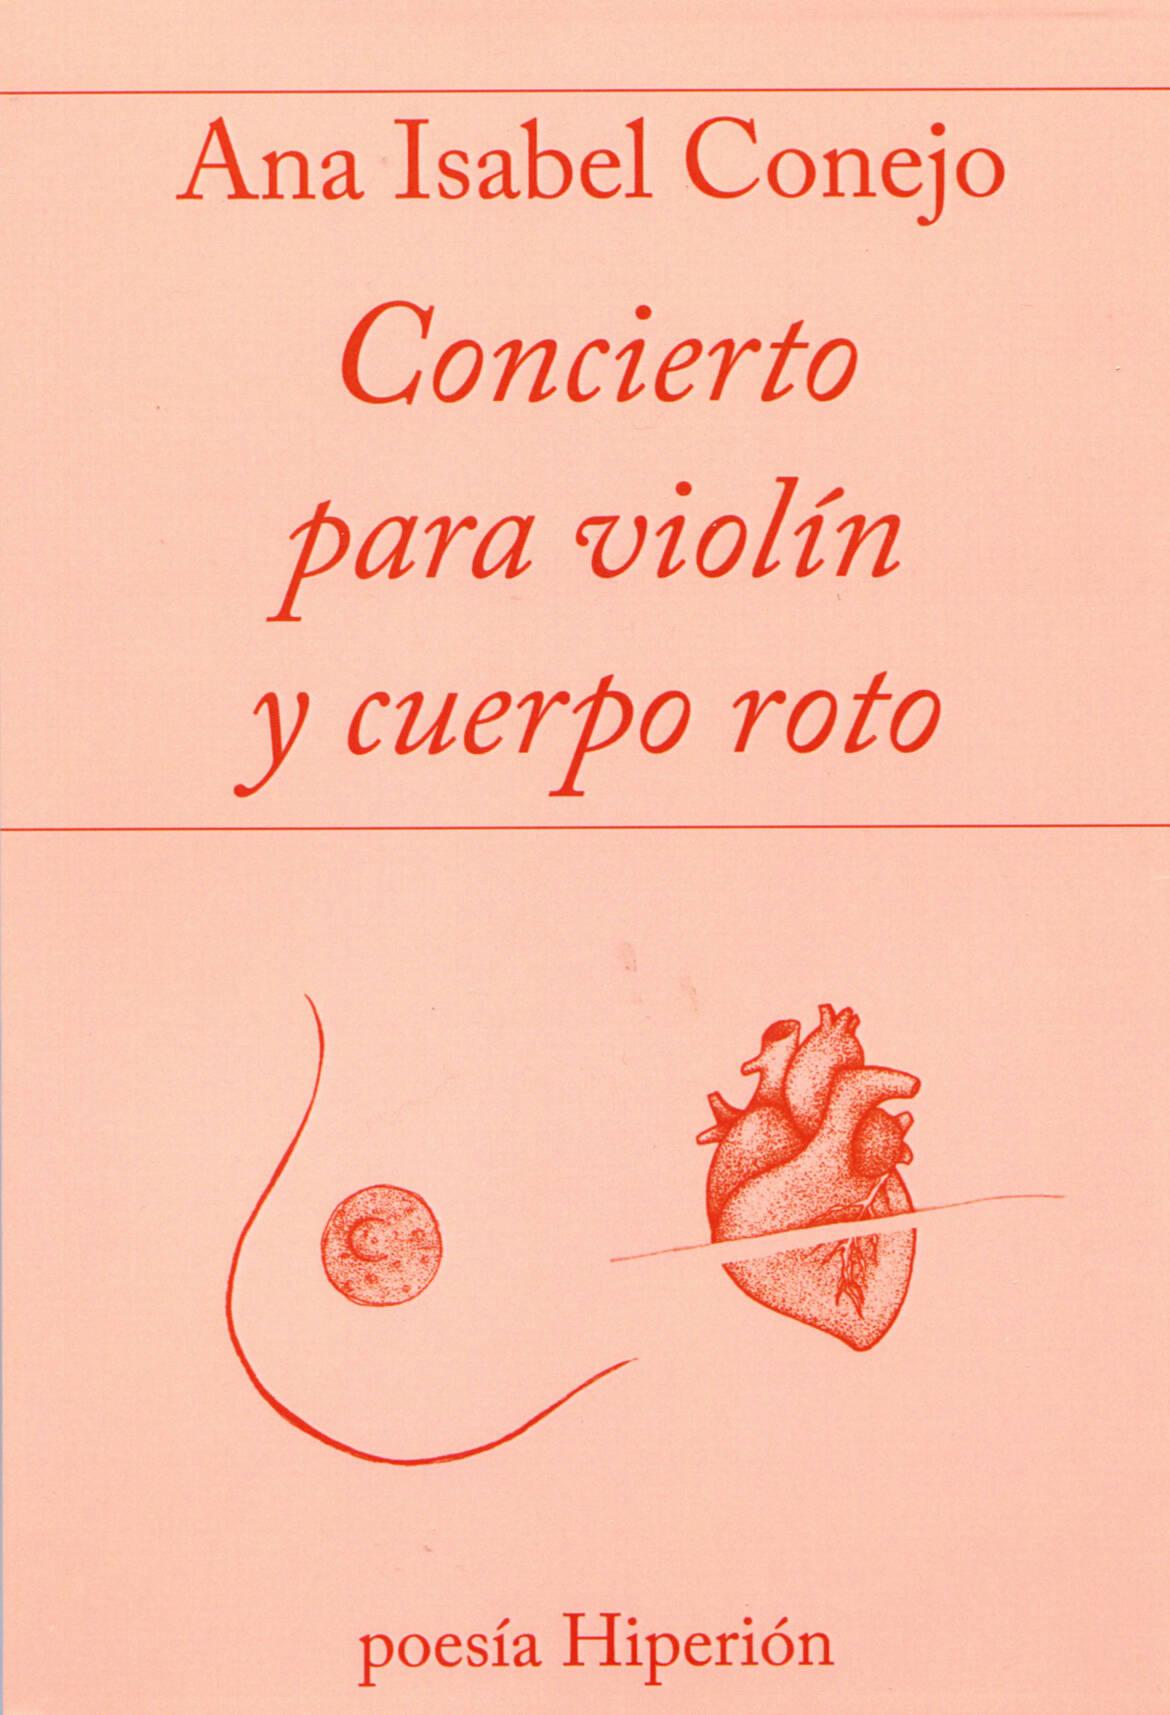 735-conejo-concierto-txiki.jpg